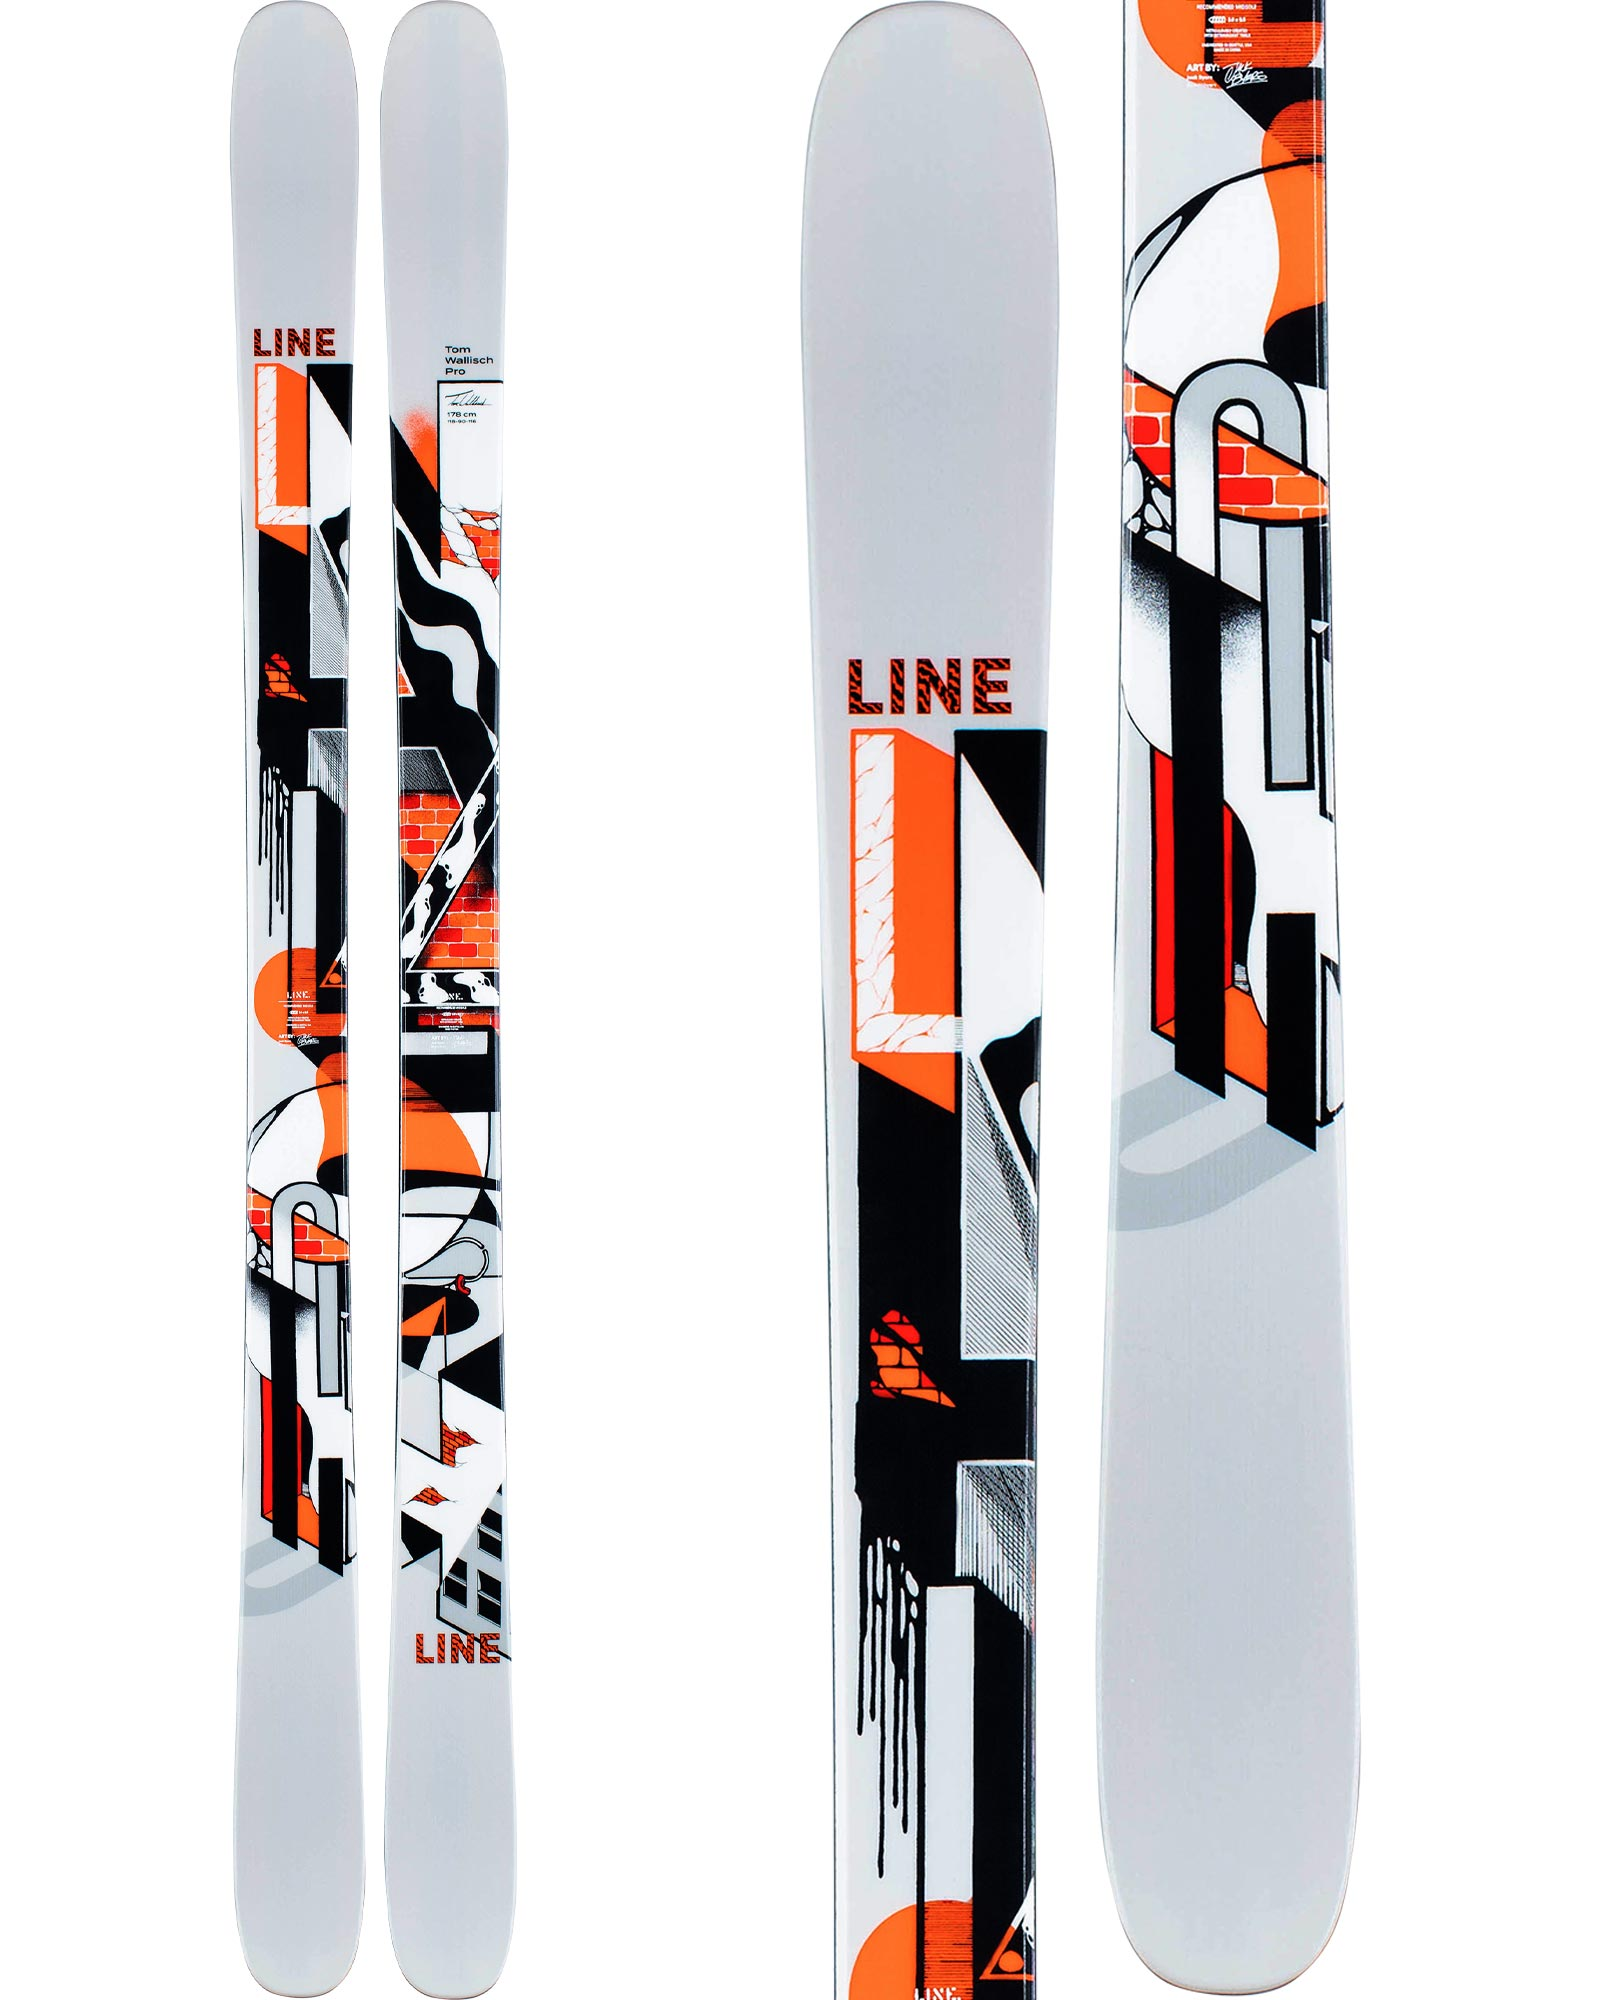 Line Men's Tom Wallisch Pro Freestyle Skis 2020 / 2021 0